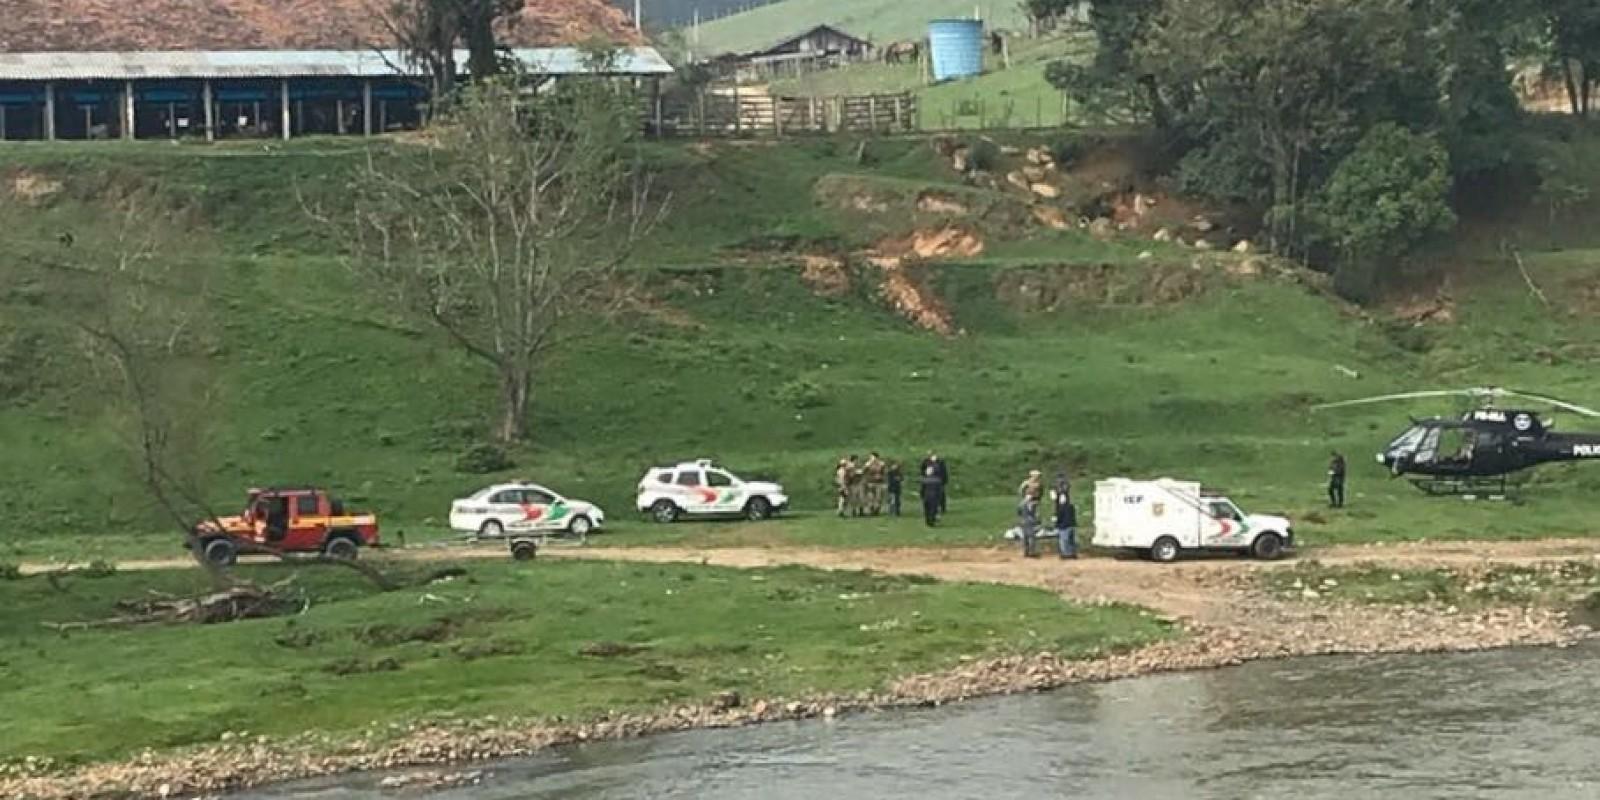 Crianças em rio: um dos corpos foi encontrado pelos bombeiros